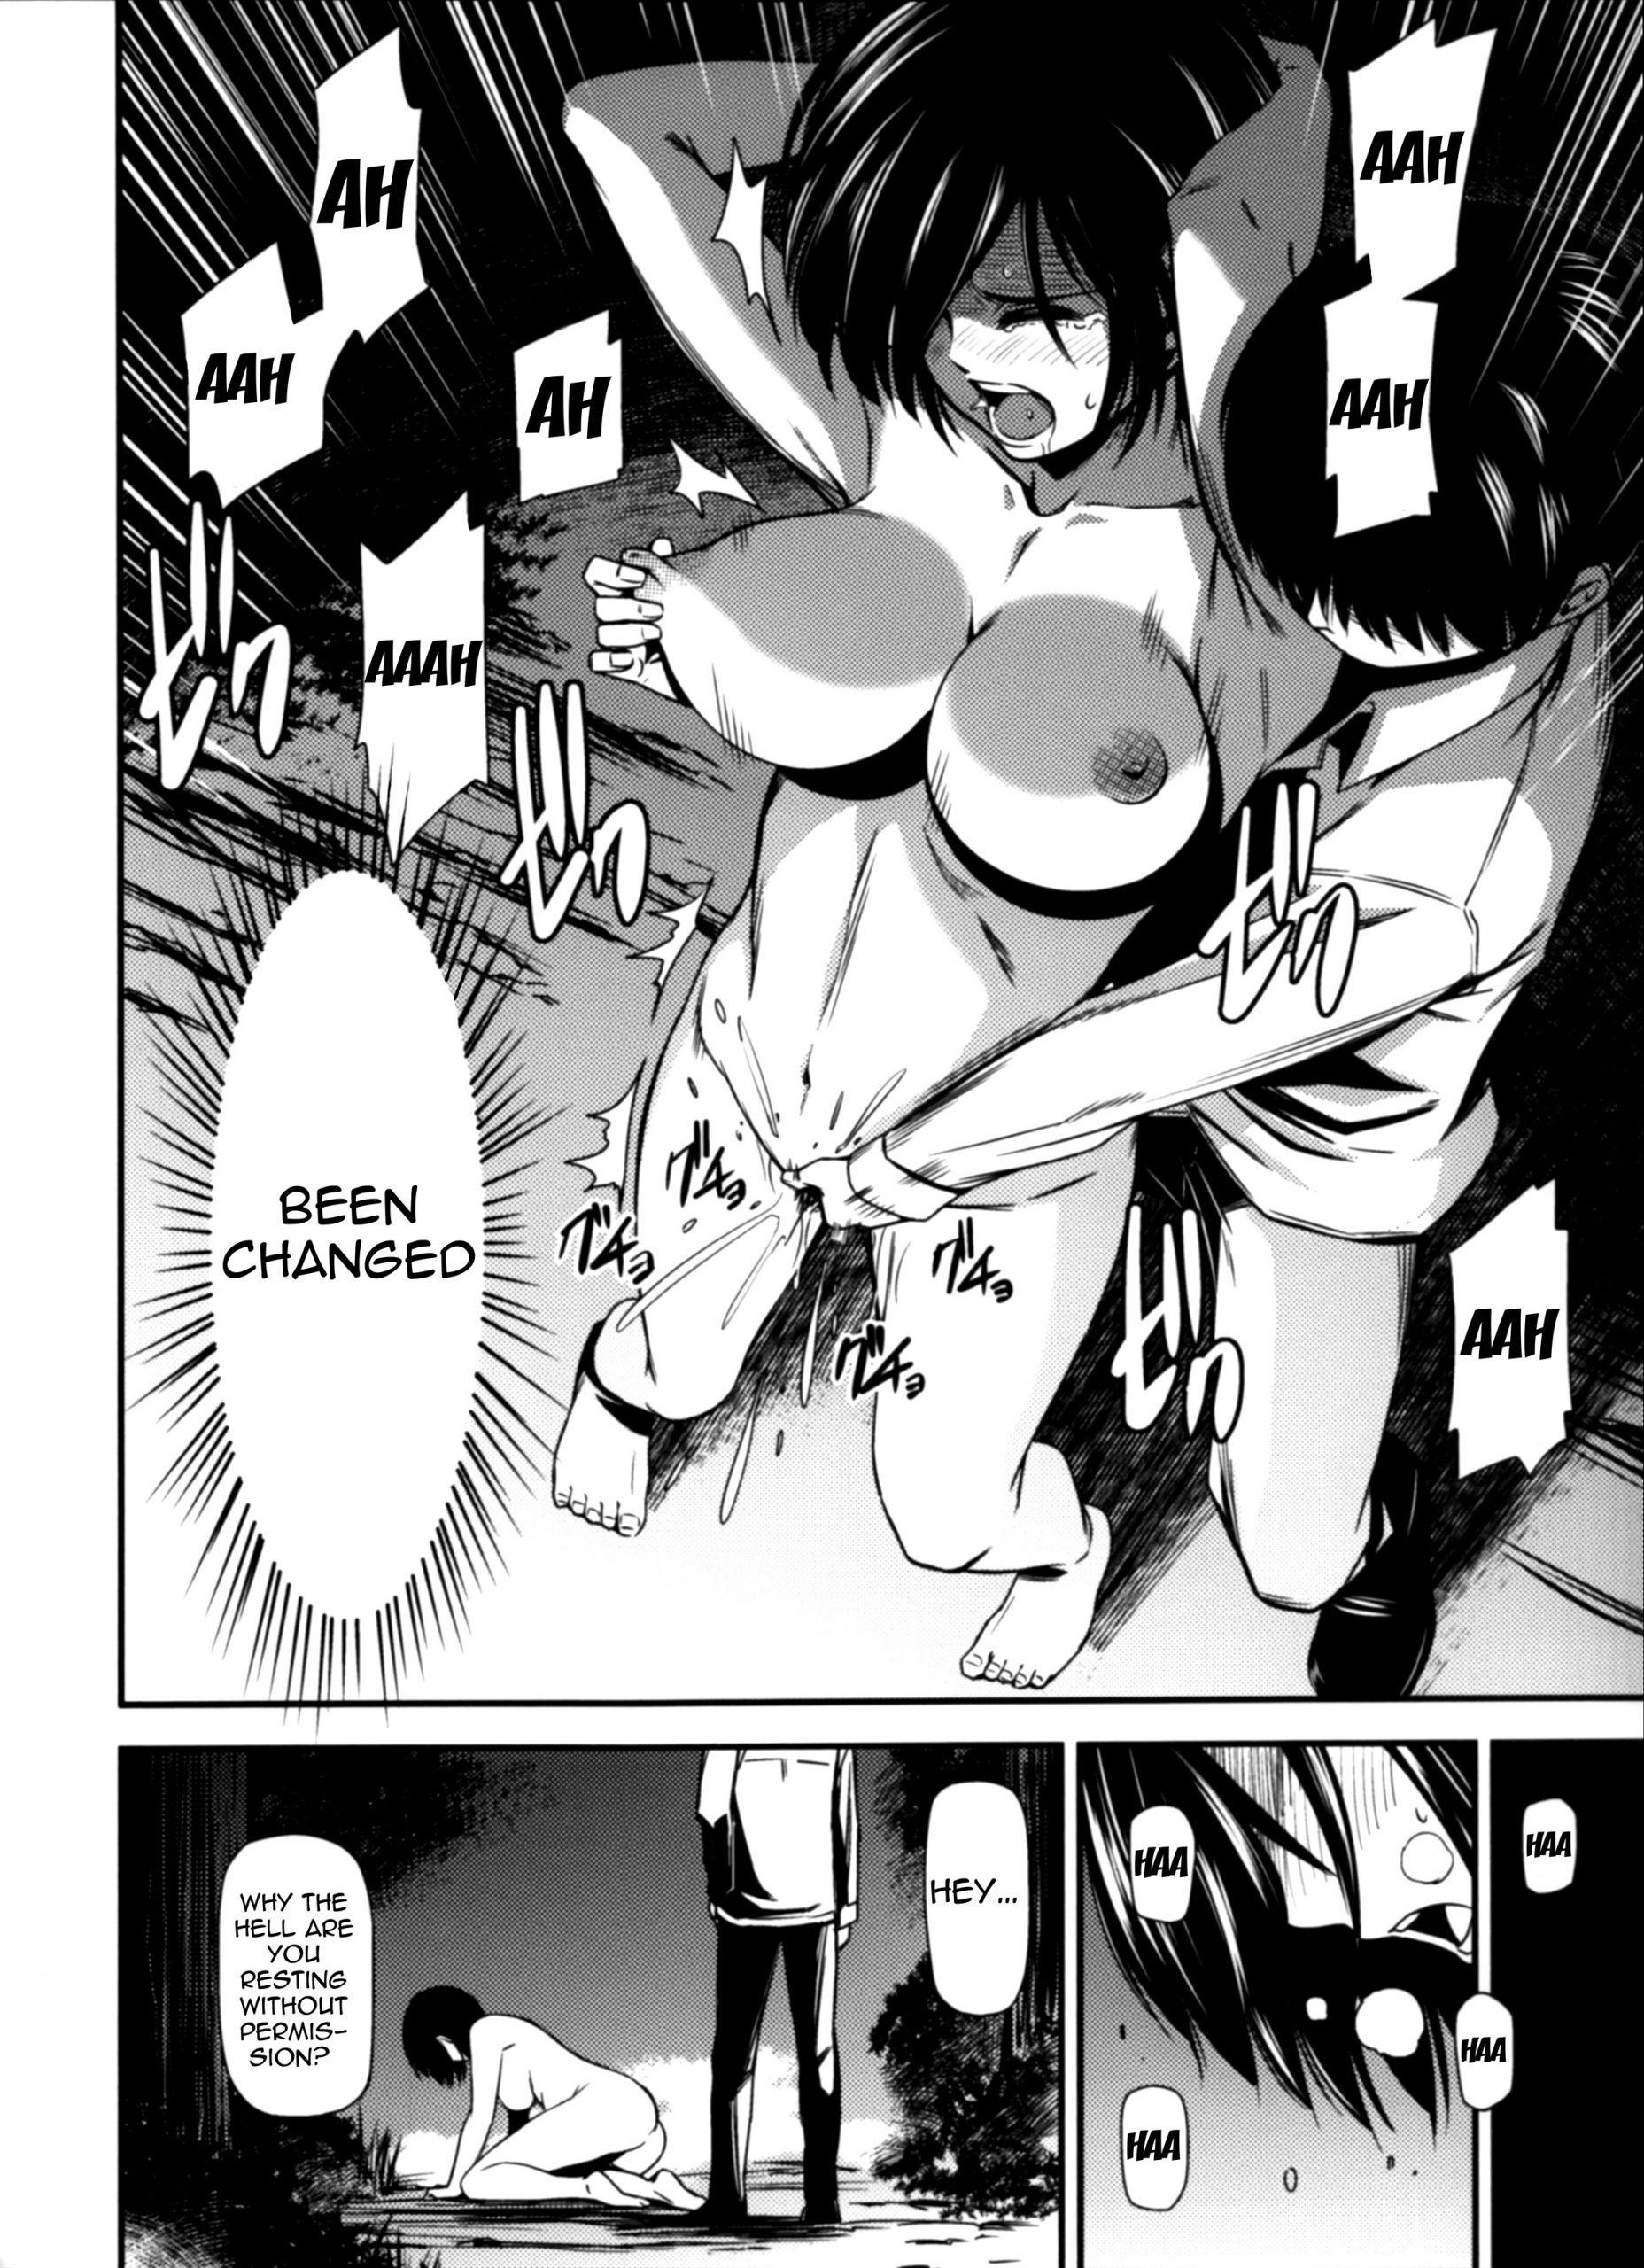 Gekishin yon hentai manga picture 17